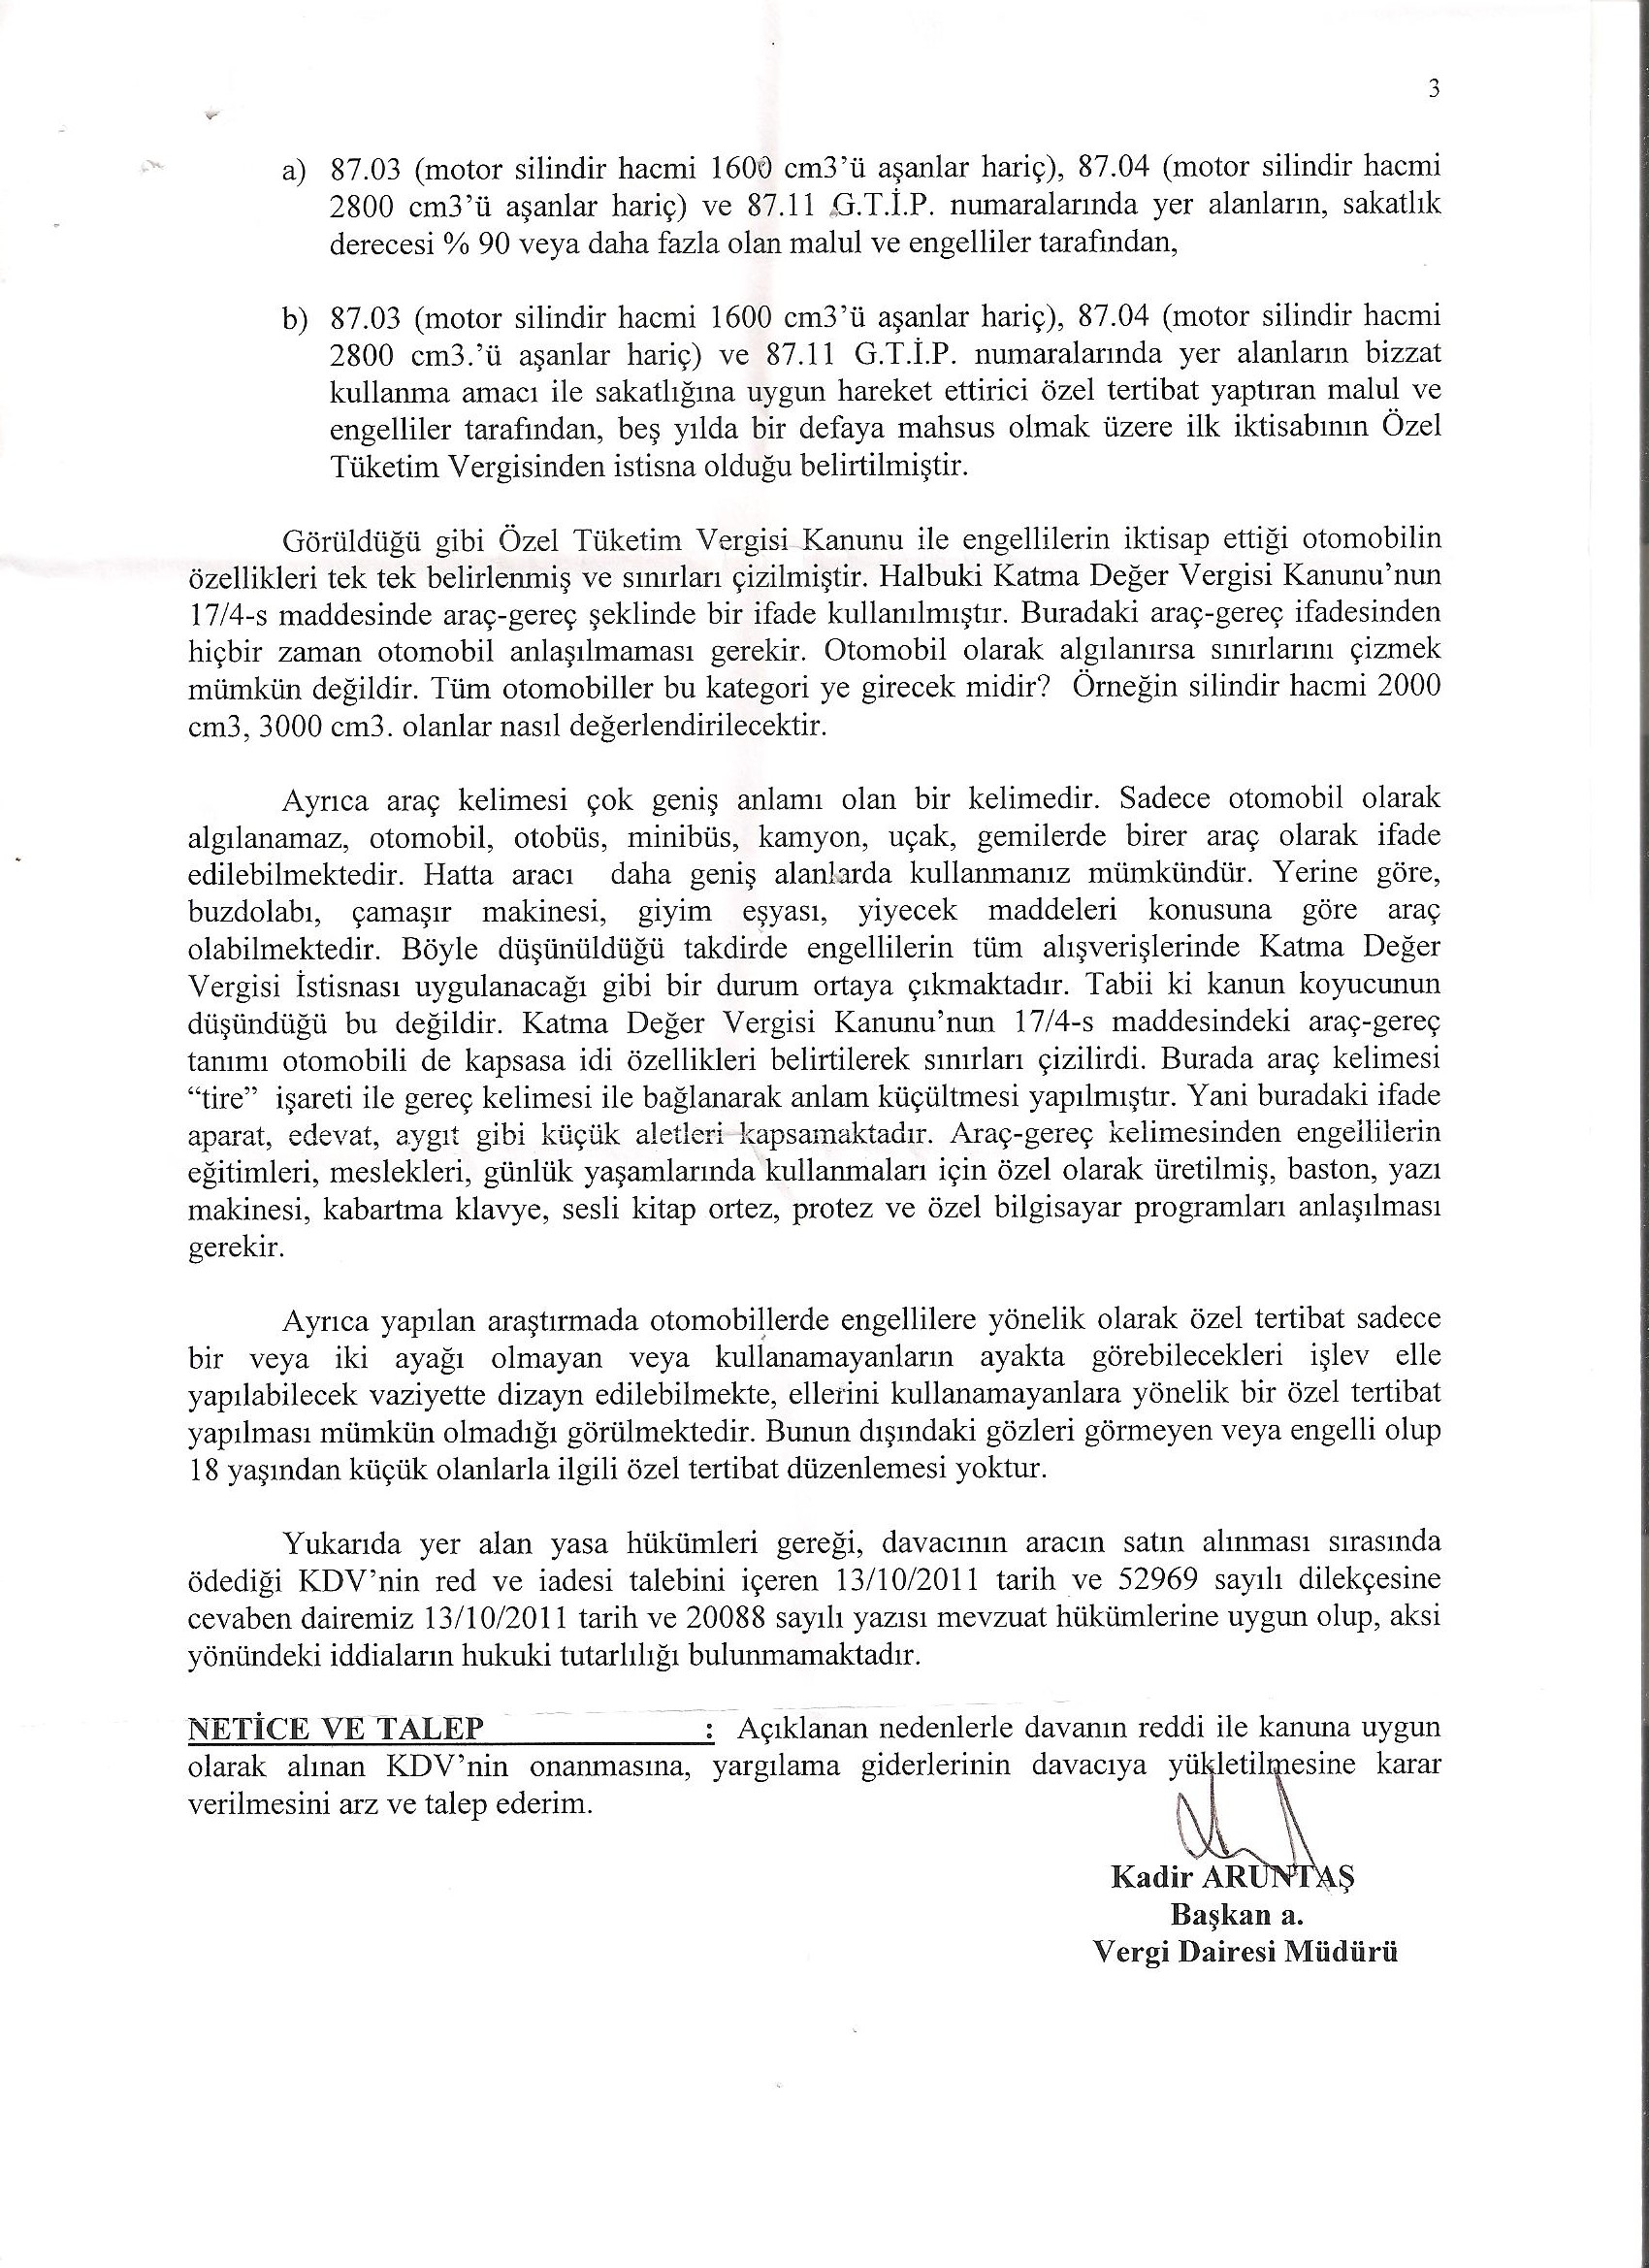 B Marmara Kurumlar Savunma3 - Sakat statüsünde alınan araç için ödenen KDV'nin geri alınması işlemleri ve süreç